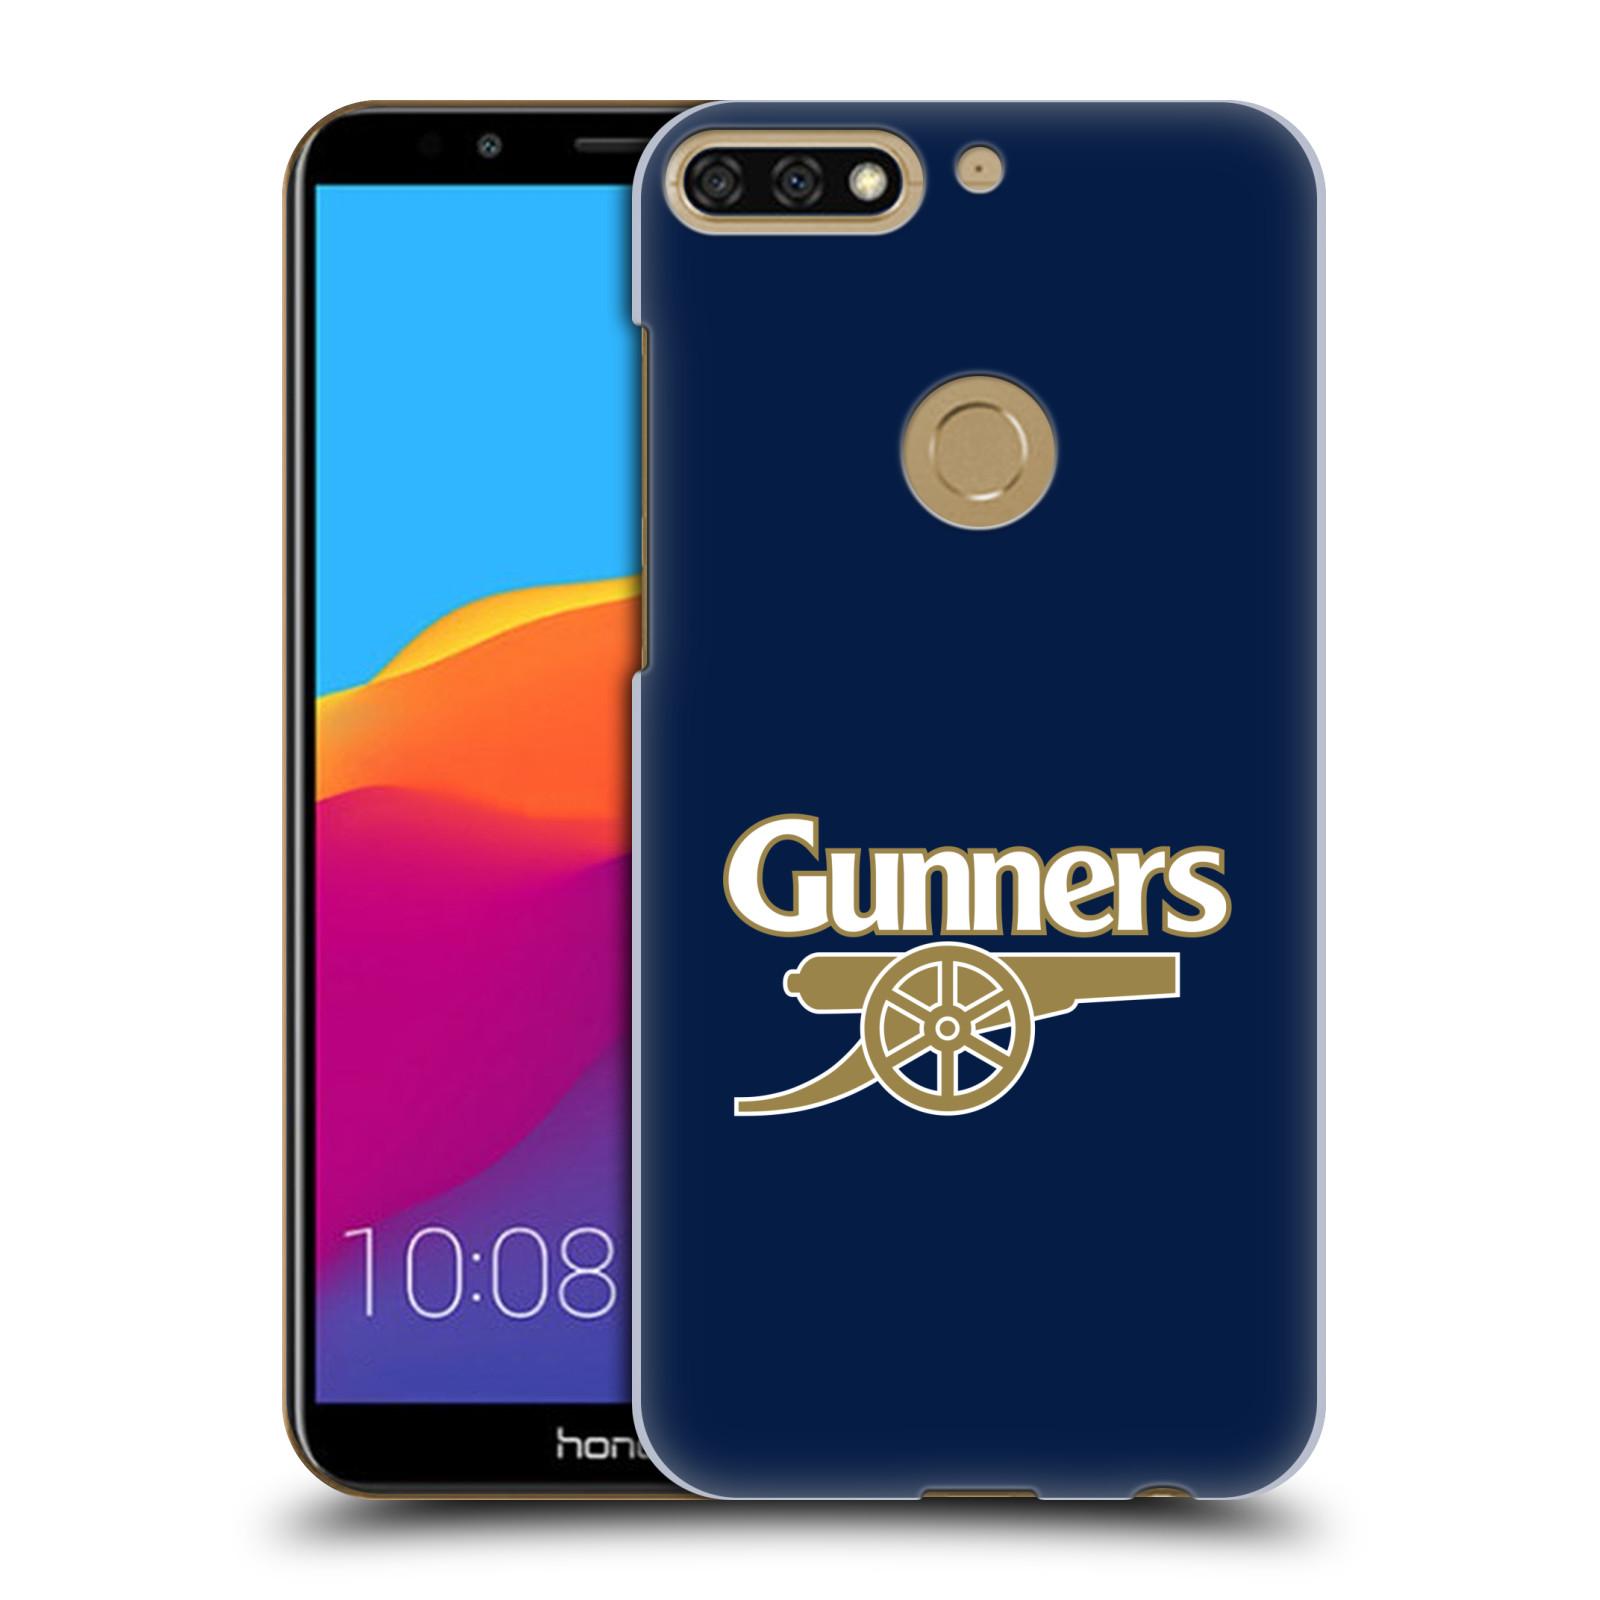 Plastové pouzdro na mobil Huawei Y7 Prime 2018 - Head Case - Arsenal FC - Gunners